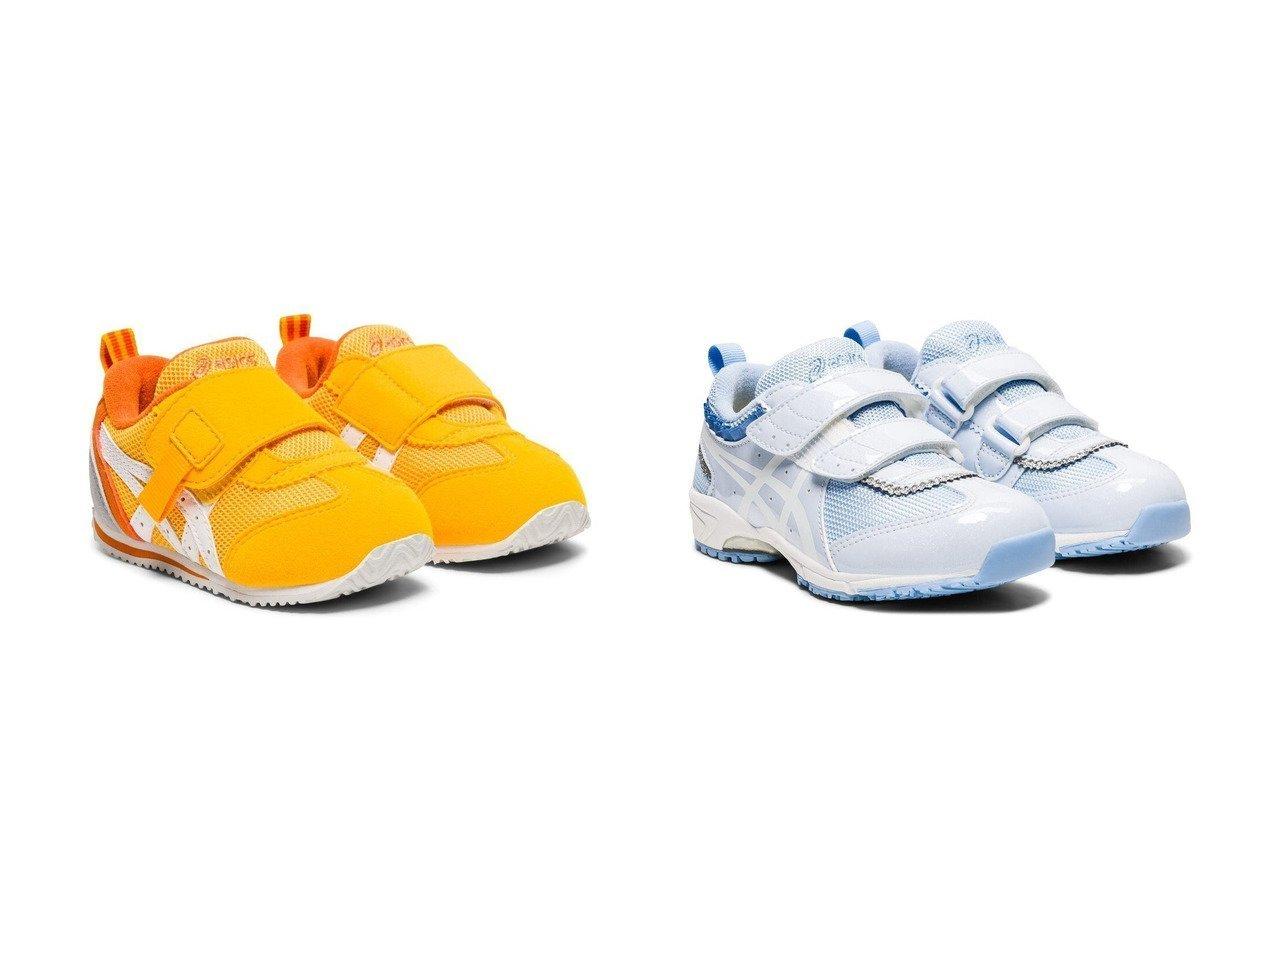 【ASICS WALKING / KIDS/アシックス ランウォーク】のアイダホ BABY KT-ES 2&ティアラ MINI FR 2 【KIDS】子供服のおすすめ!人気トレンド・キッズファッションの通販 おすすめで人気の流行・トレンド、ファッションの通販商品 メンズファッション・キッズファッション・インテリア・家具・レディースファッション・服の通販 founy(ファニー) https://founy.com/ ファッション Fashion キッズファッション KIDS ウォーター 抗菌 シューズ スニーカー フィット メッシュ ラッセル 再入荷 Restock/Back in Stock/Re Arrival 送料無料 Free Shipping |ID:crp329100000030713